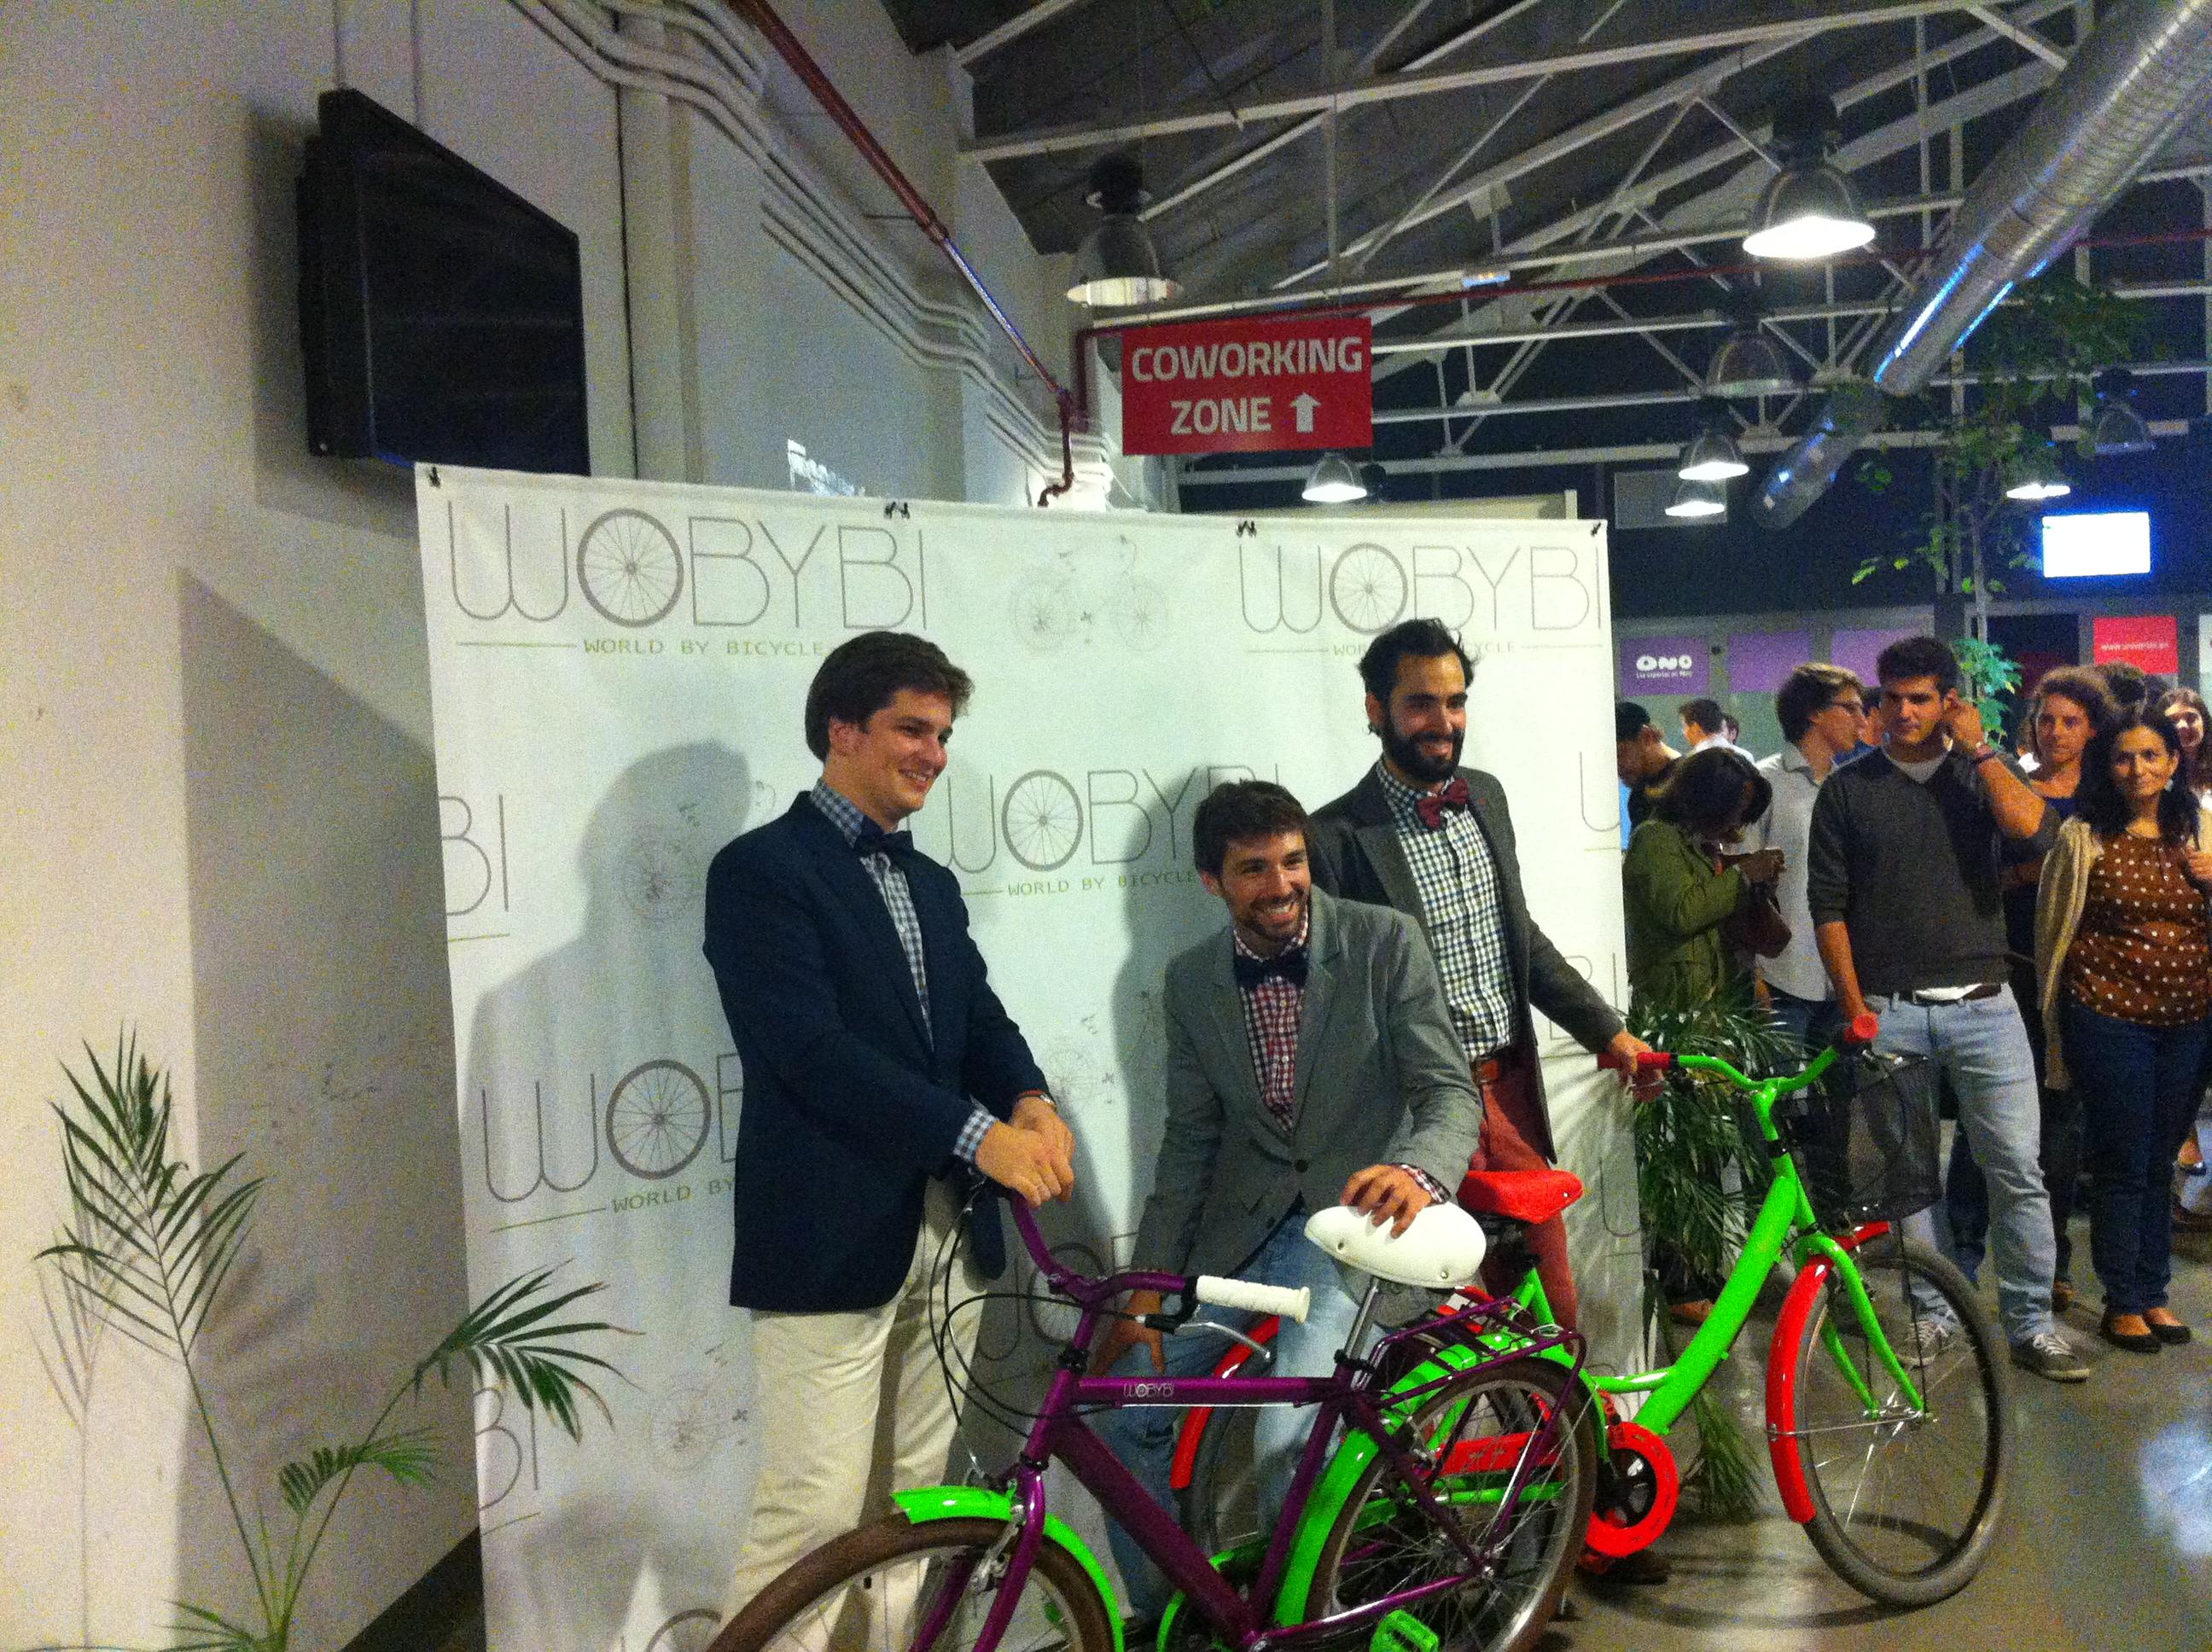 wobybi tienda online de bicicletas presentacion madrid